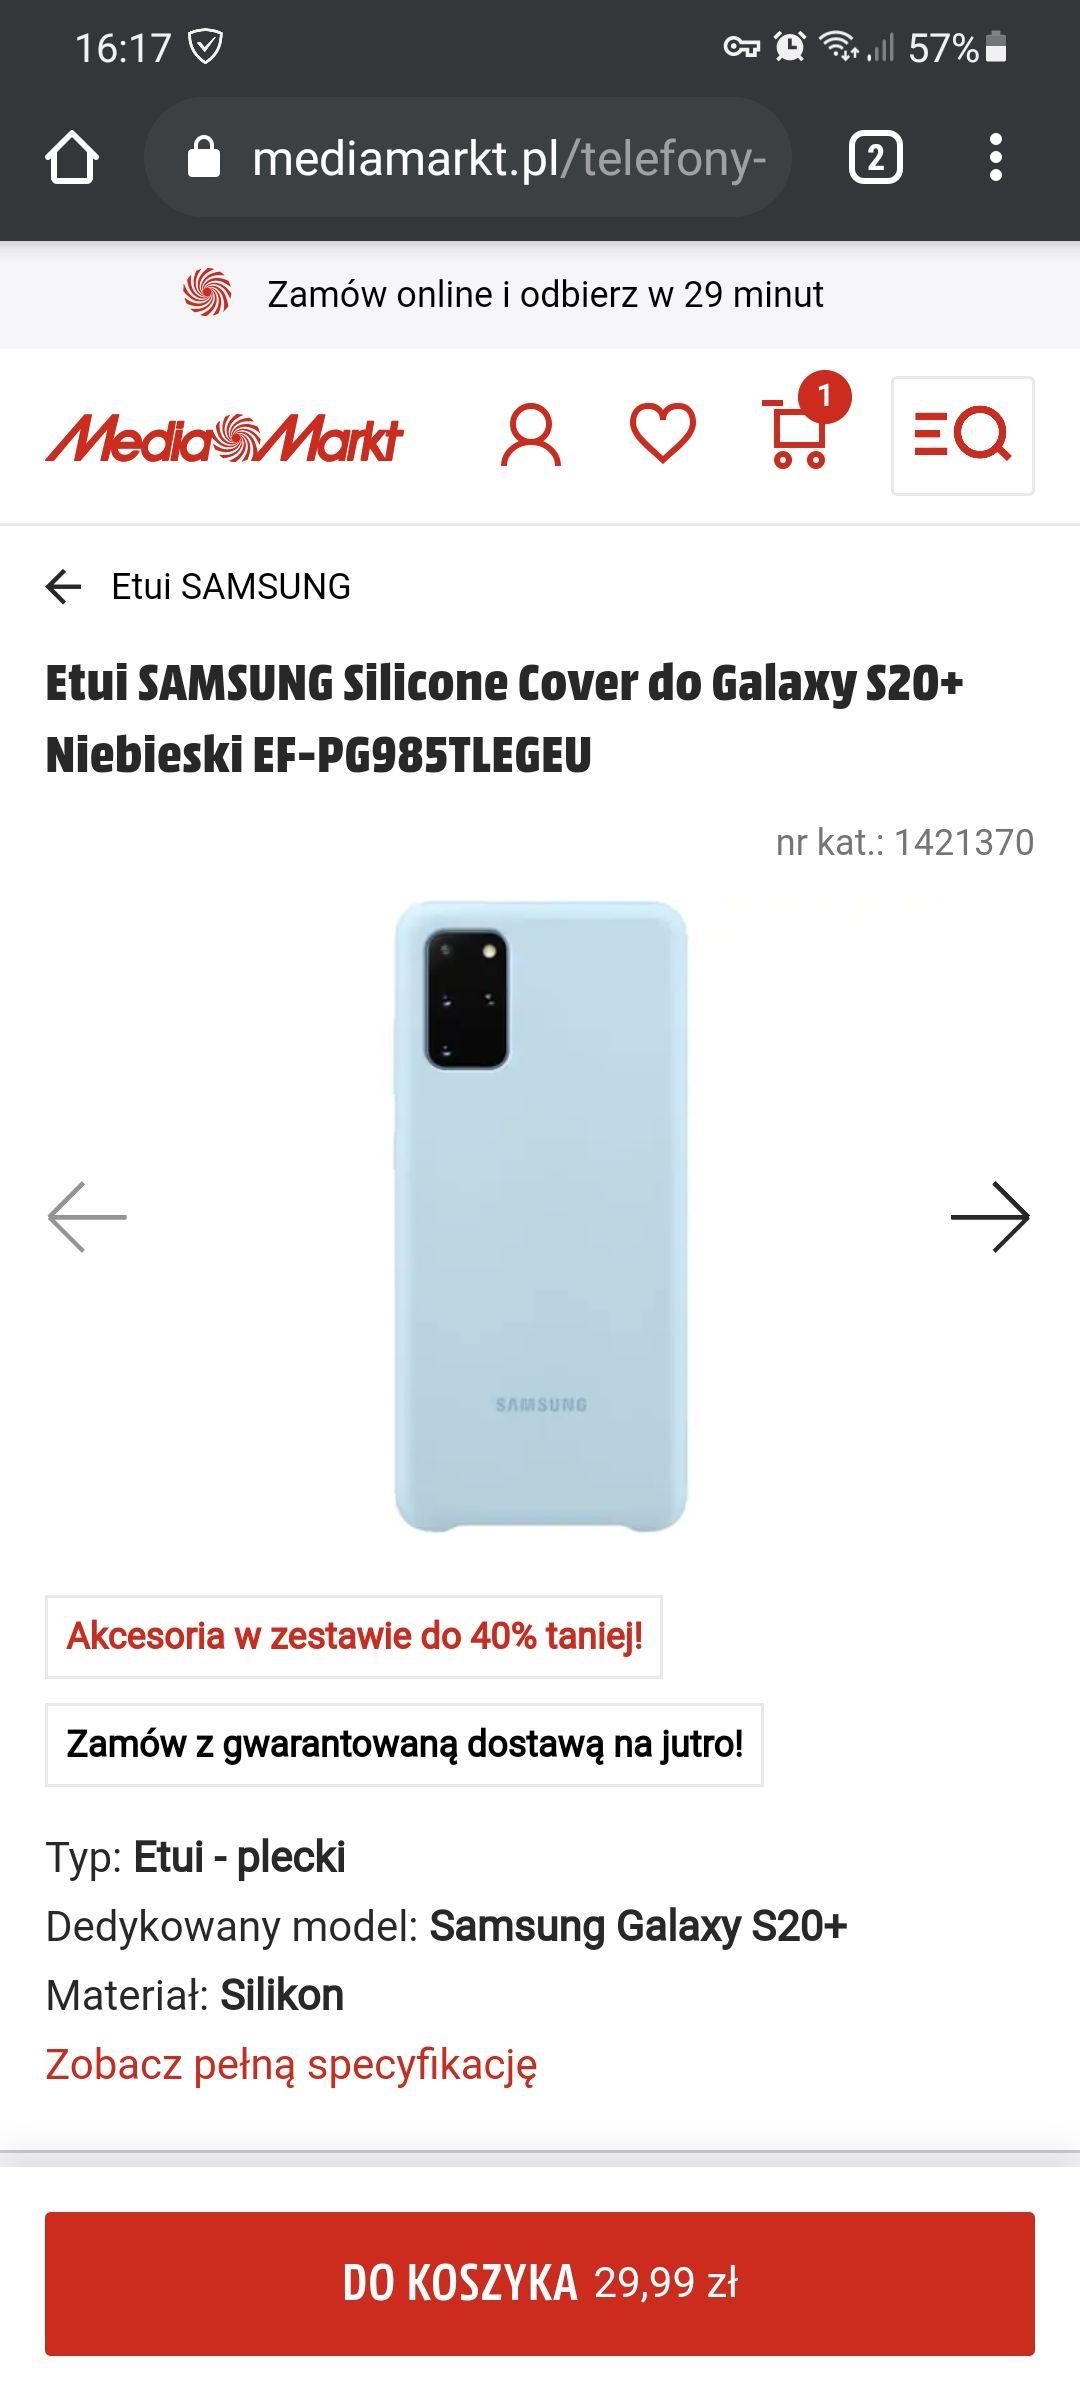 Etui SAMSUNG Silicone Cover do Galaxy S20+ Niebieski EF-PG985TLEGEU